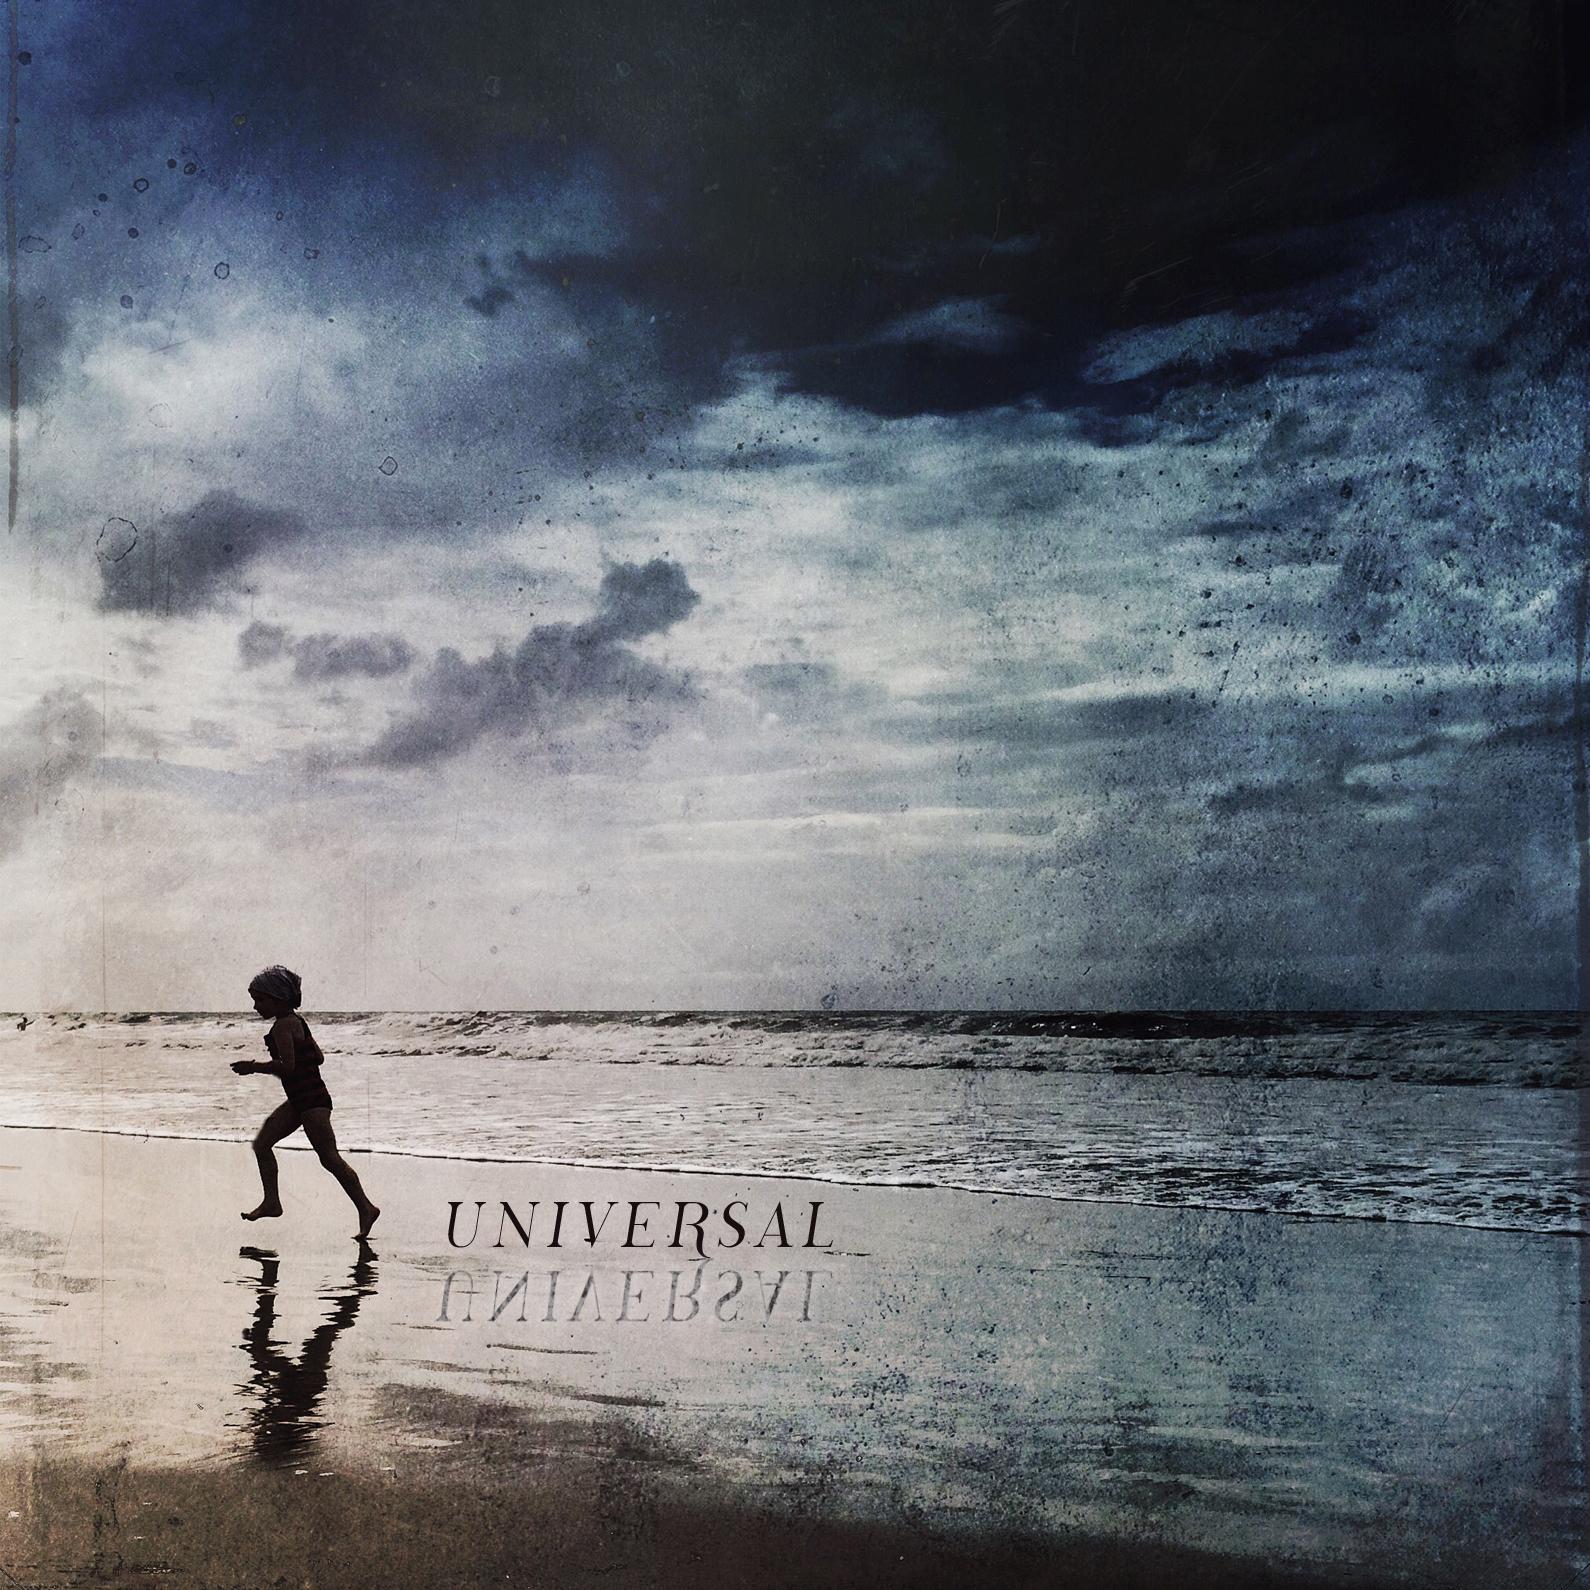 Universal {Album Cover}